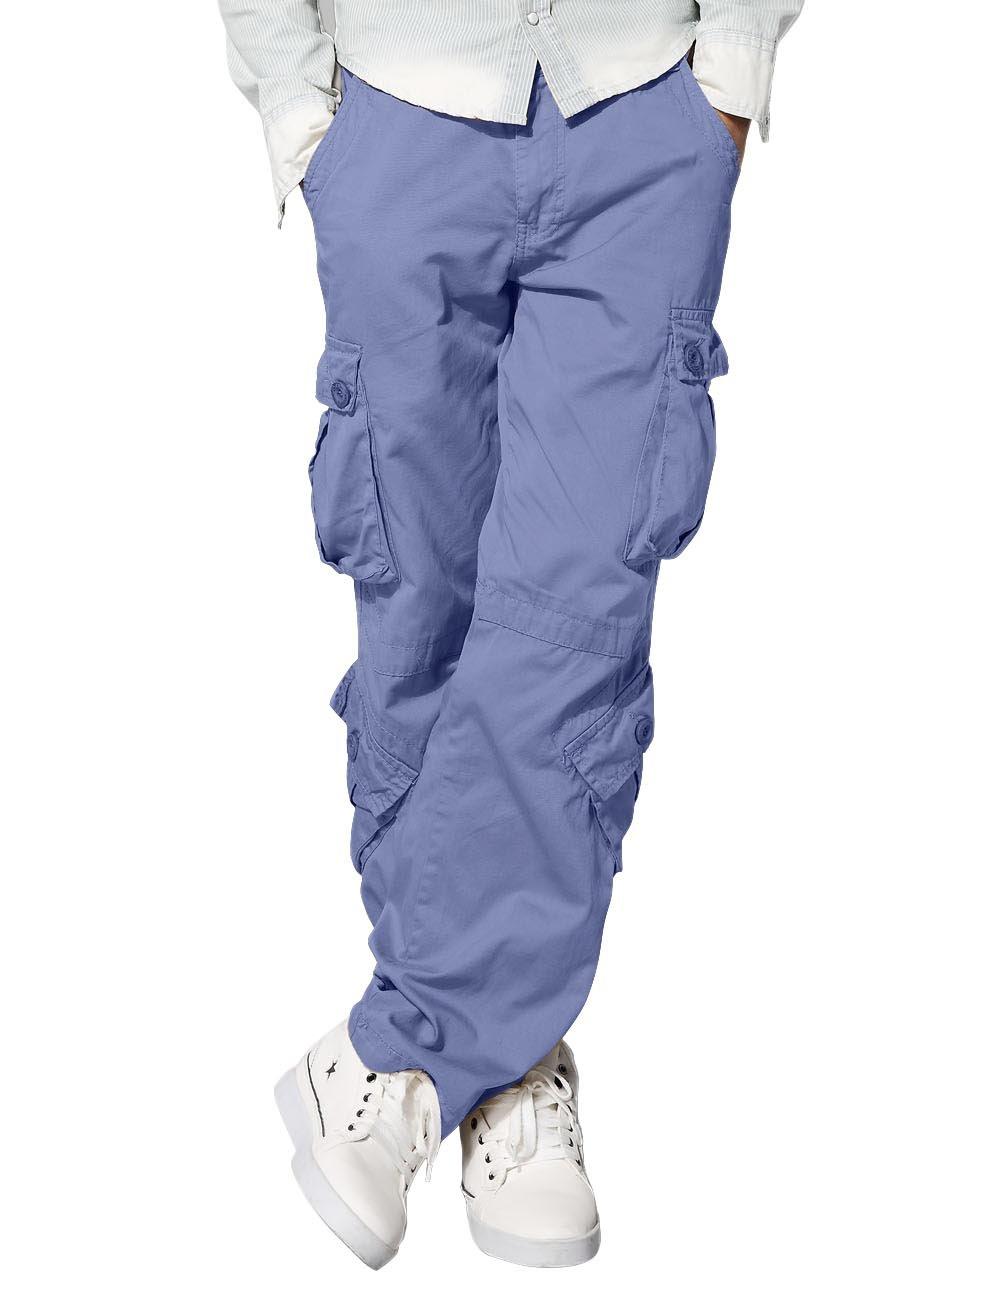 Match APPAREL メンズ B012SJEEH0 L|Bluish Gray Bluish Gray L